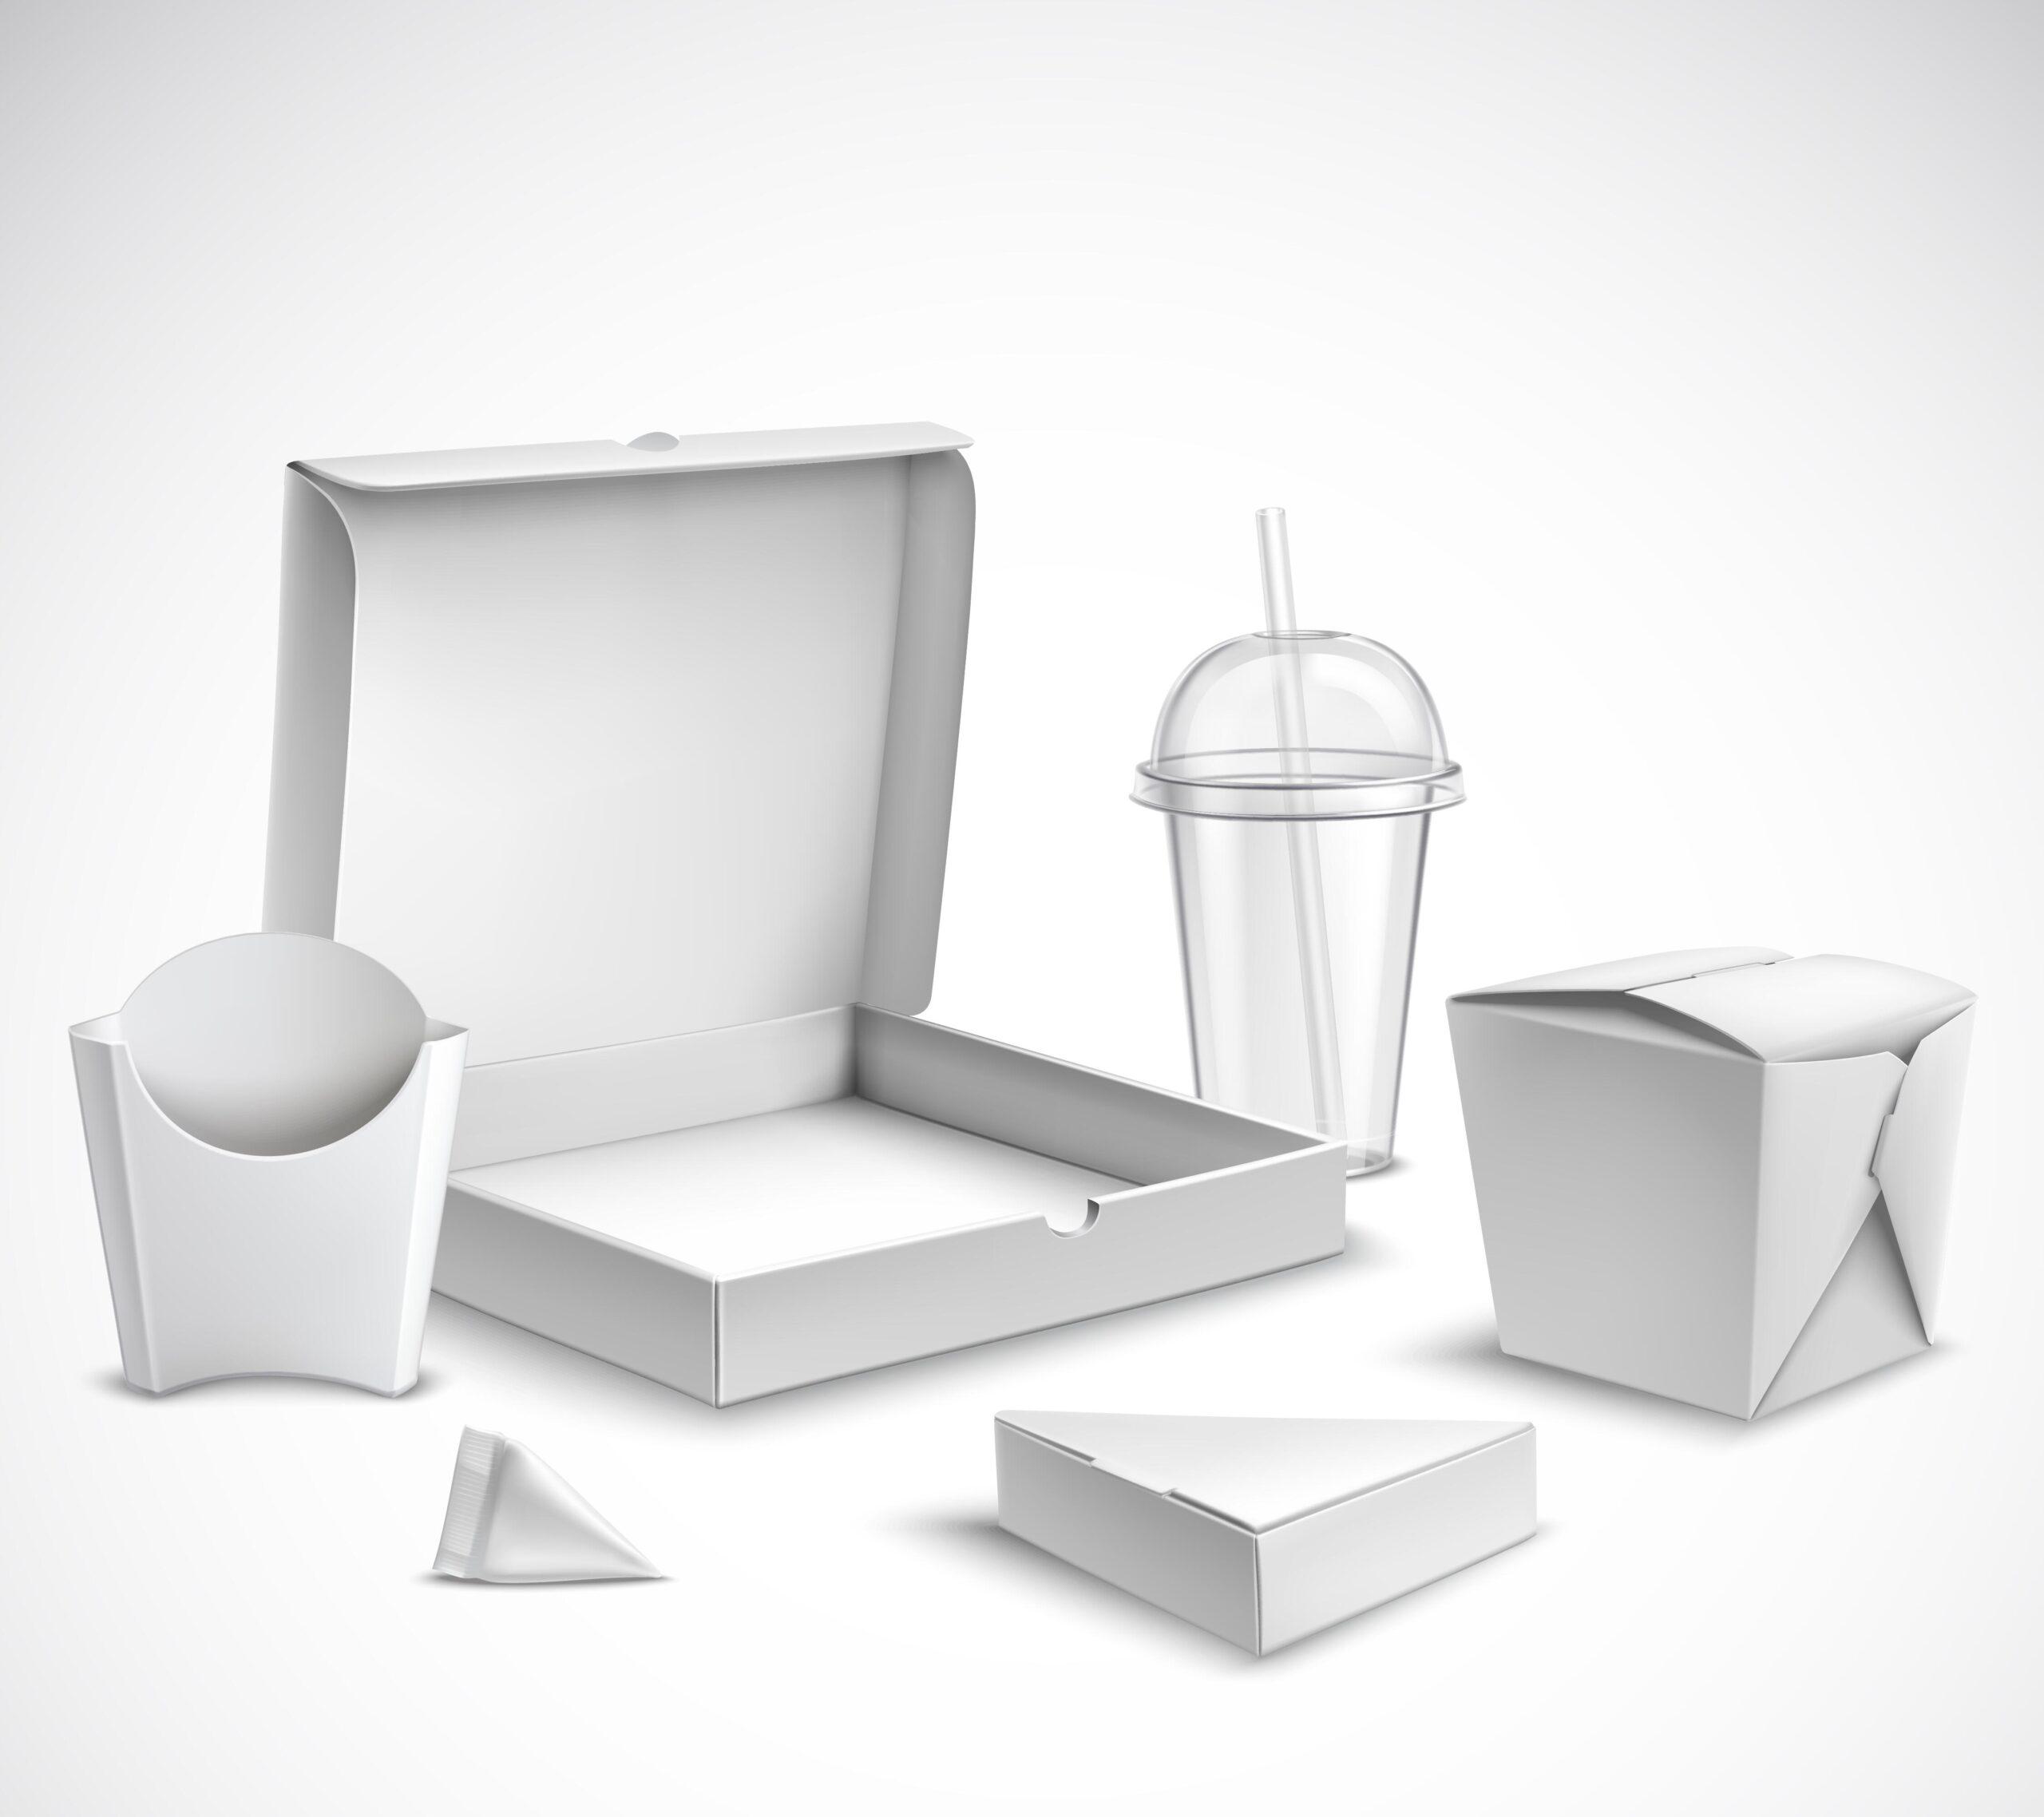 Envases y embalajes imagen de marca